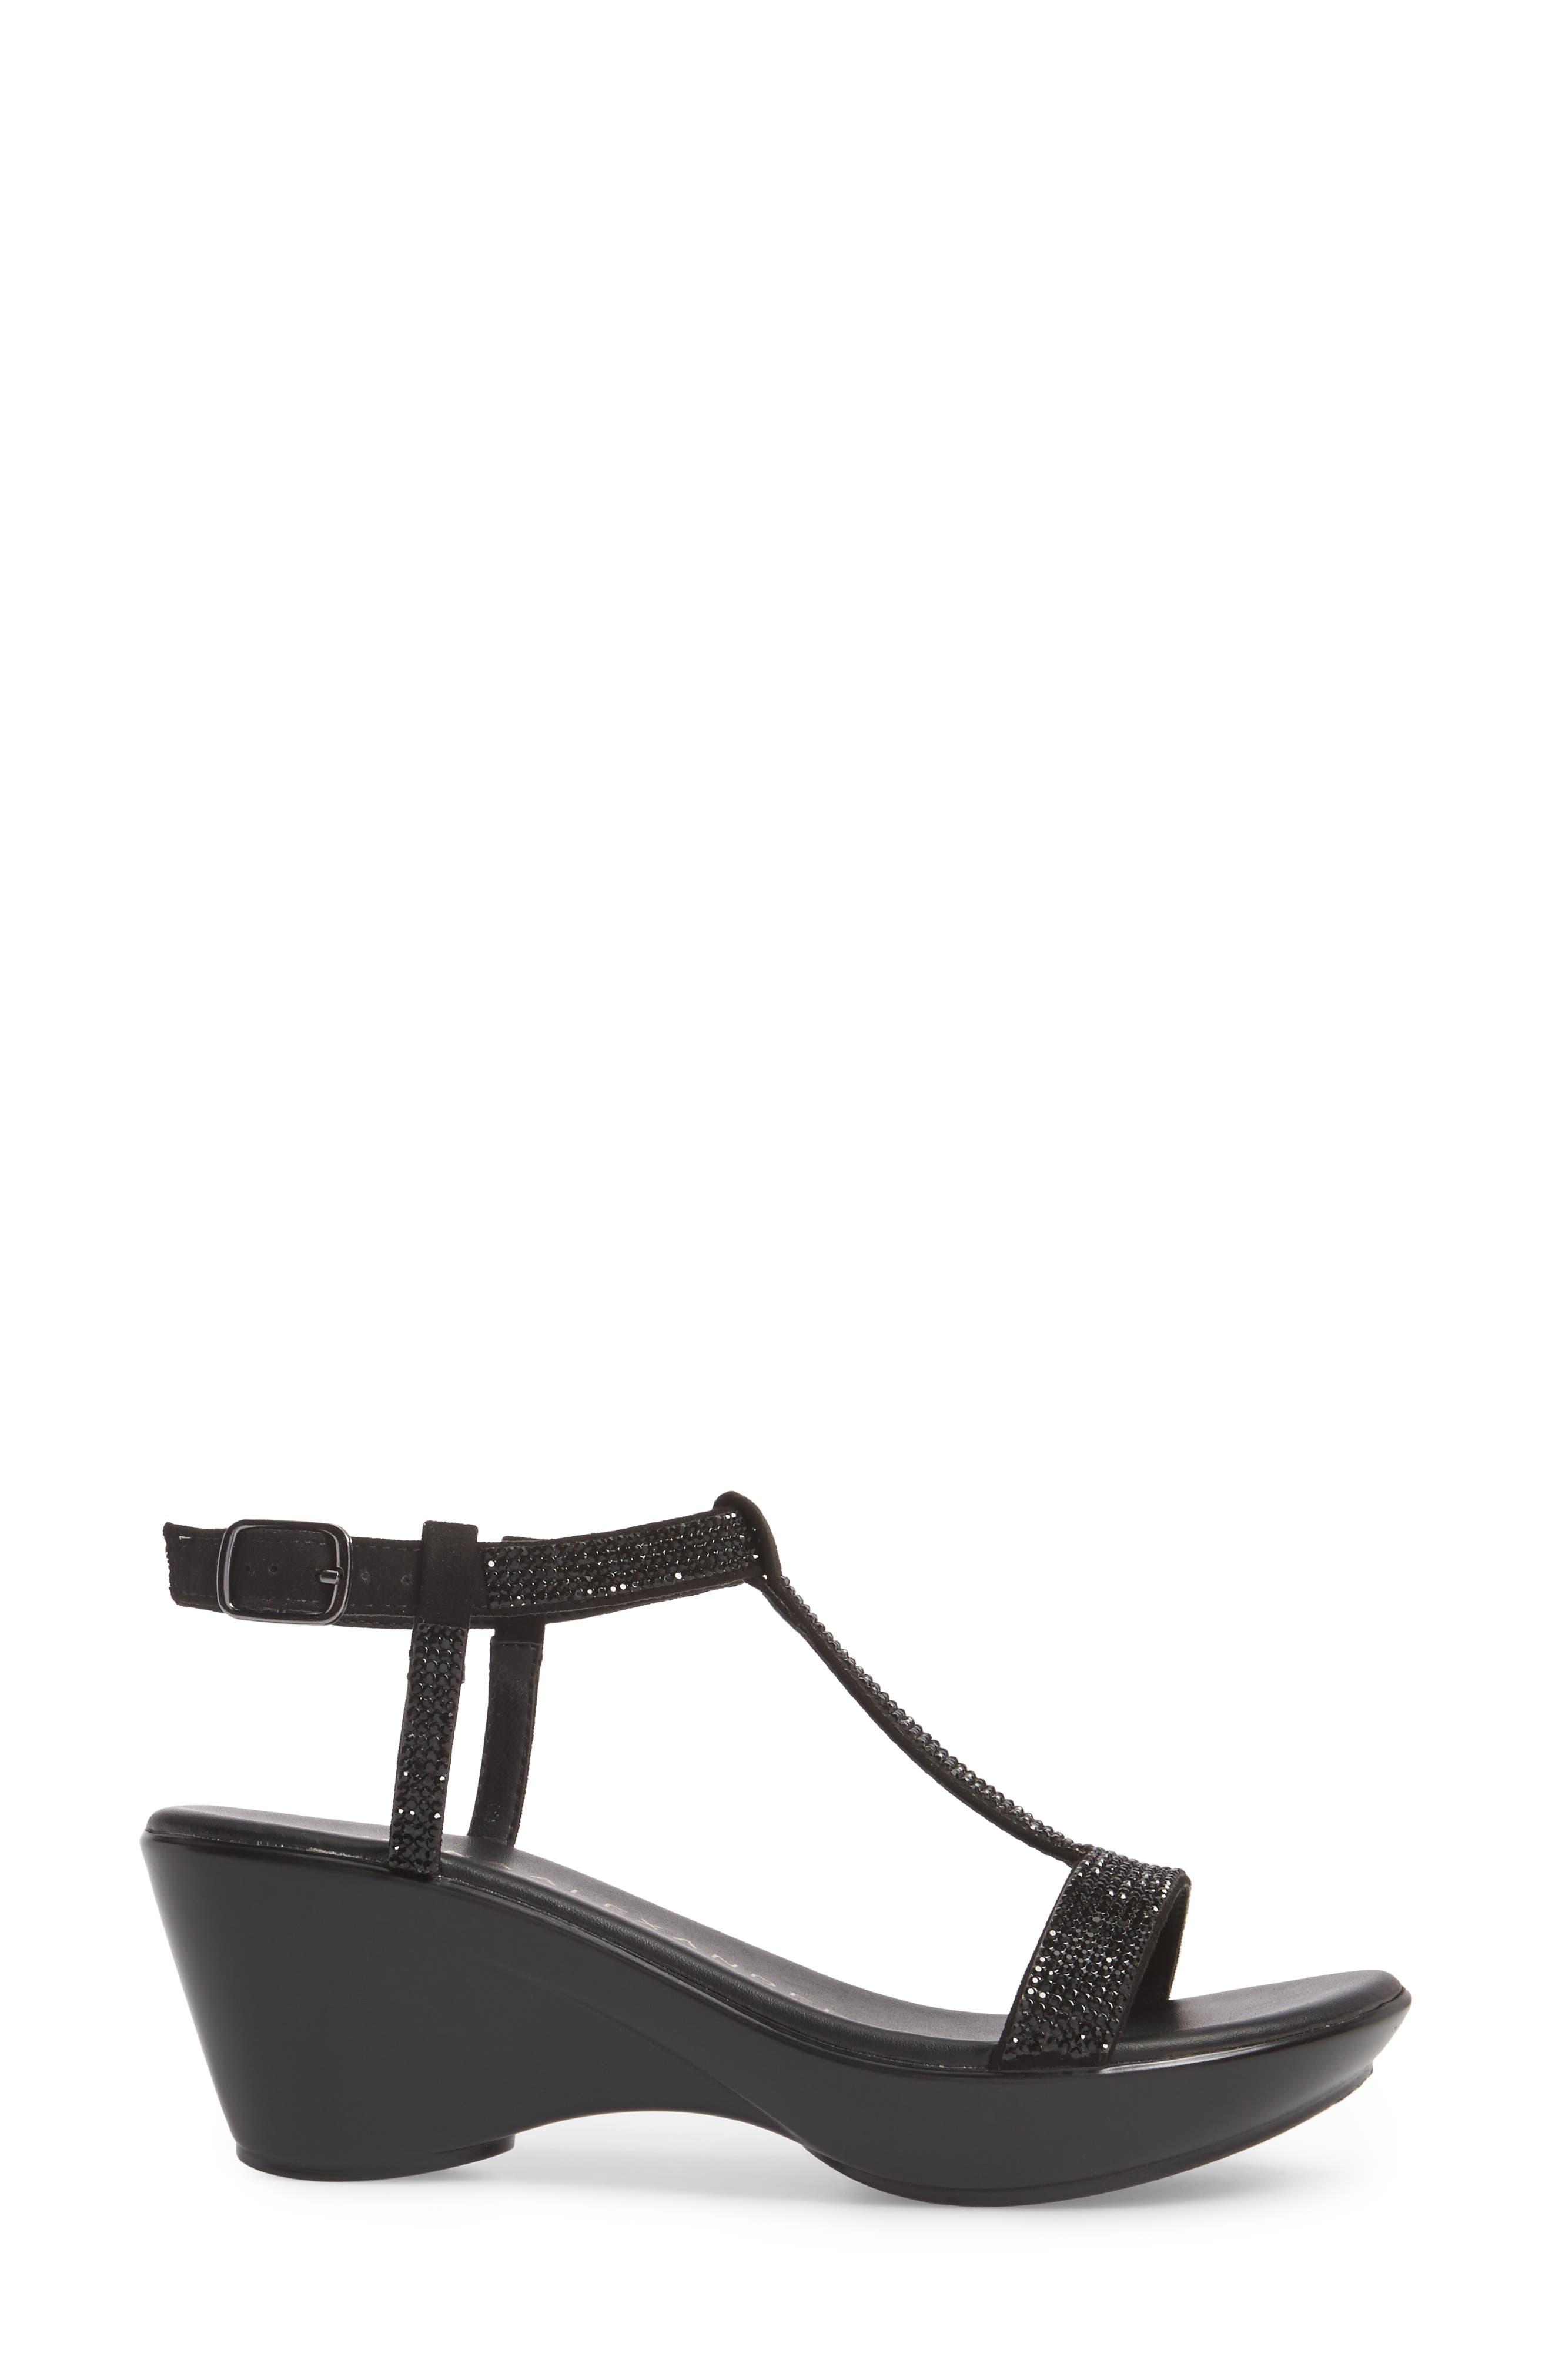 Athena Alexandar Karinya Embellished Strappy Wedge Sandal,                             Alternate thumbnail 3, color,                             BLACK SUEDE